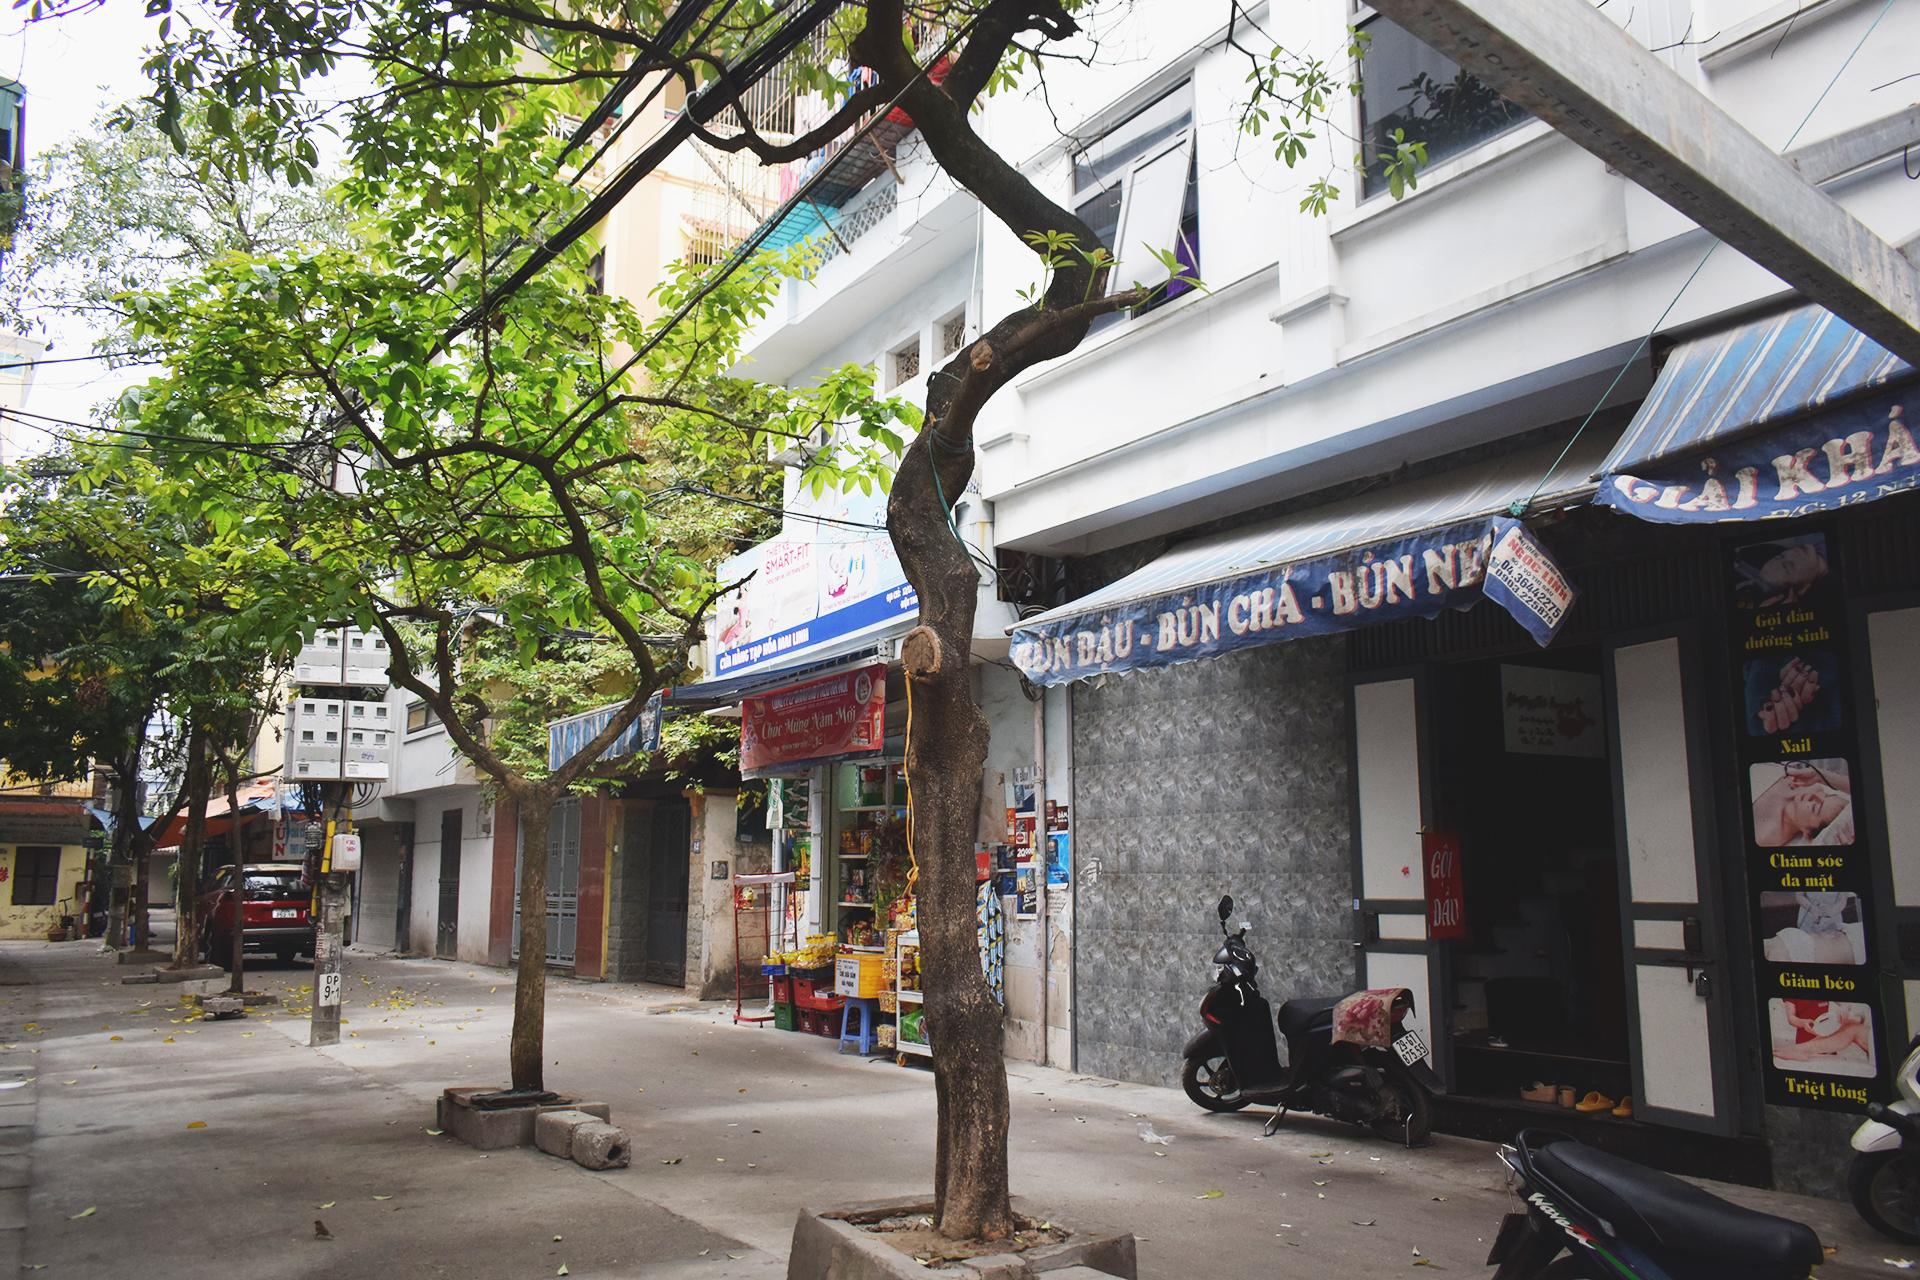 Hai khu đất dính quy hoạch ở phường Phương Liệt, Thanh Xuân, Hà Nội - Ảnh 18.